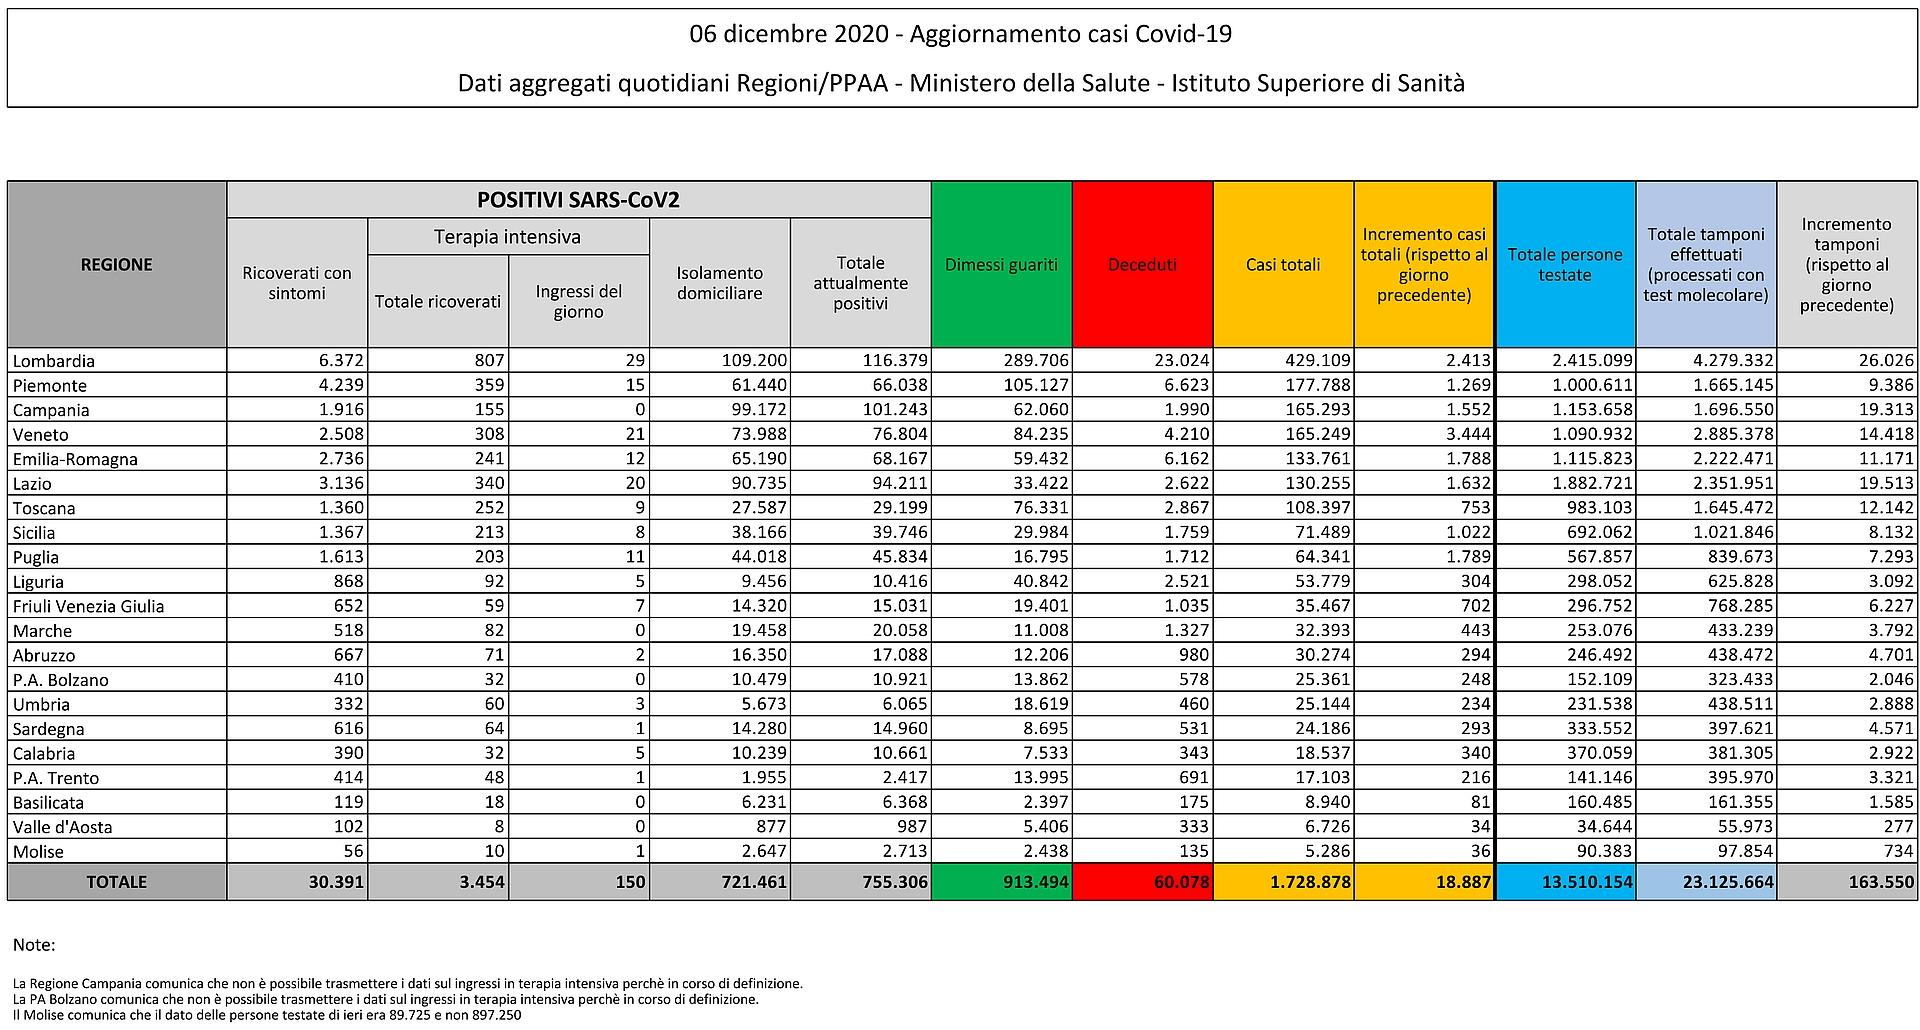 6 dicembre 2020 - Aggiornamento casi Covid-19 Dati aggregati quotidiani Regioni/PPAA - Ministero della Salute - Istituto Superiore di Sanità